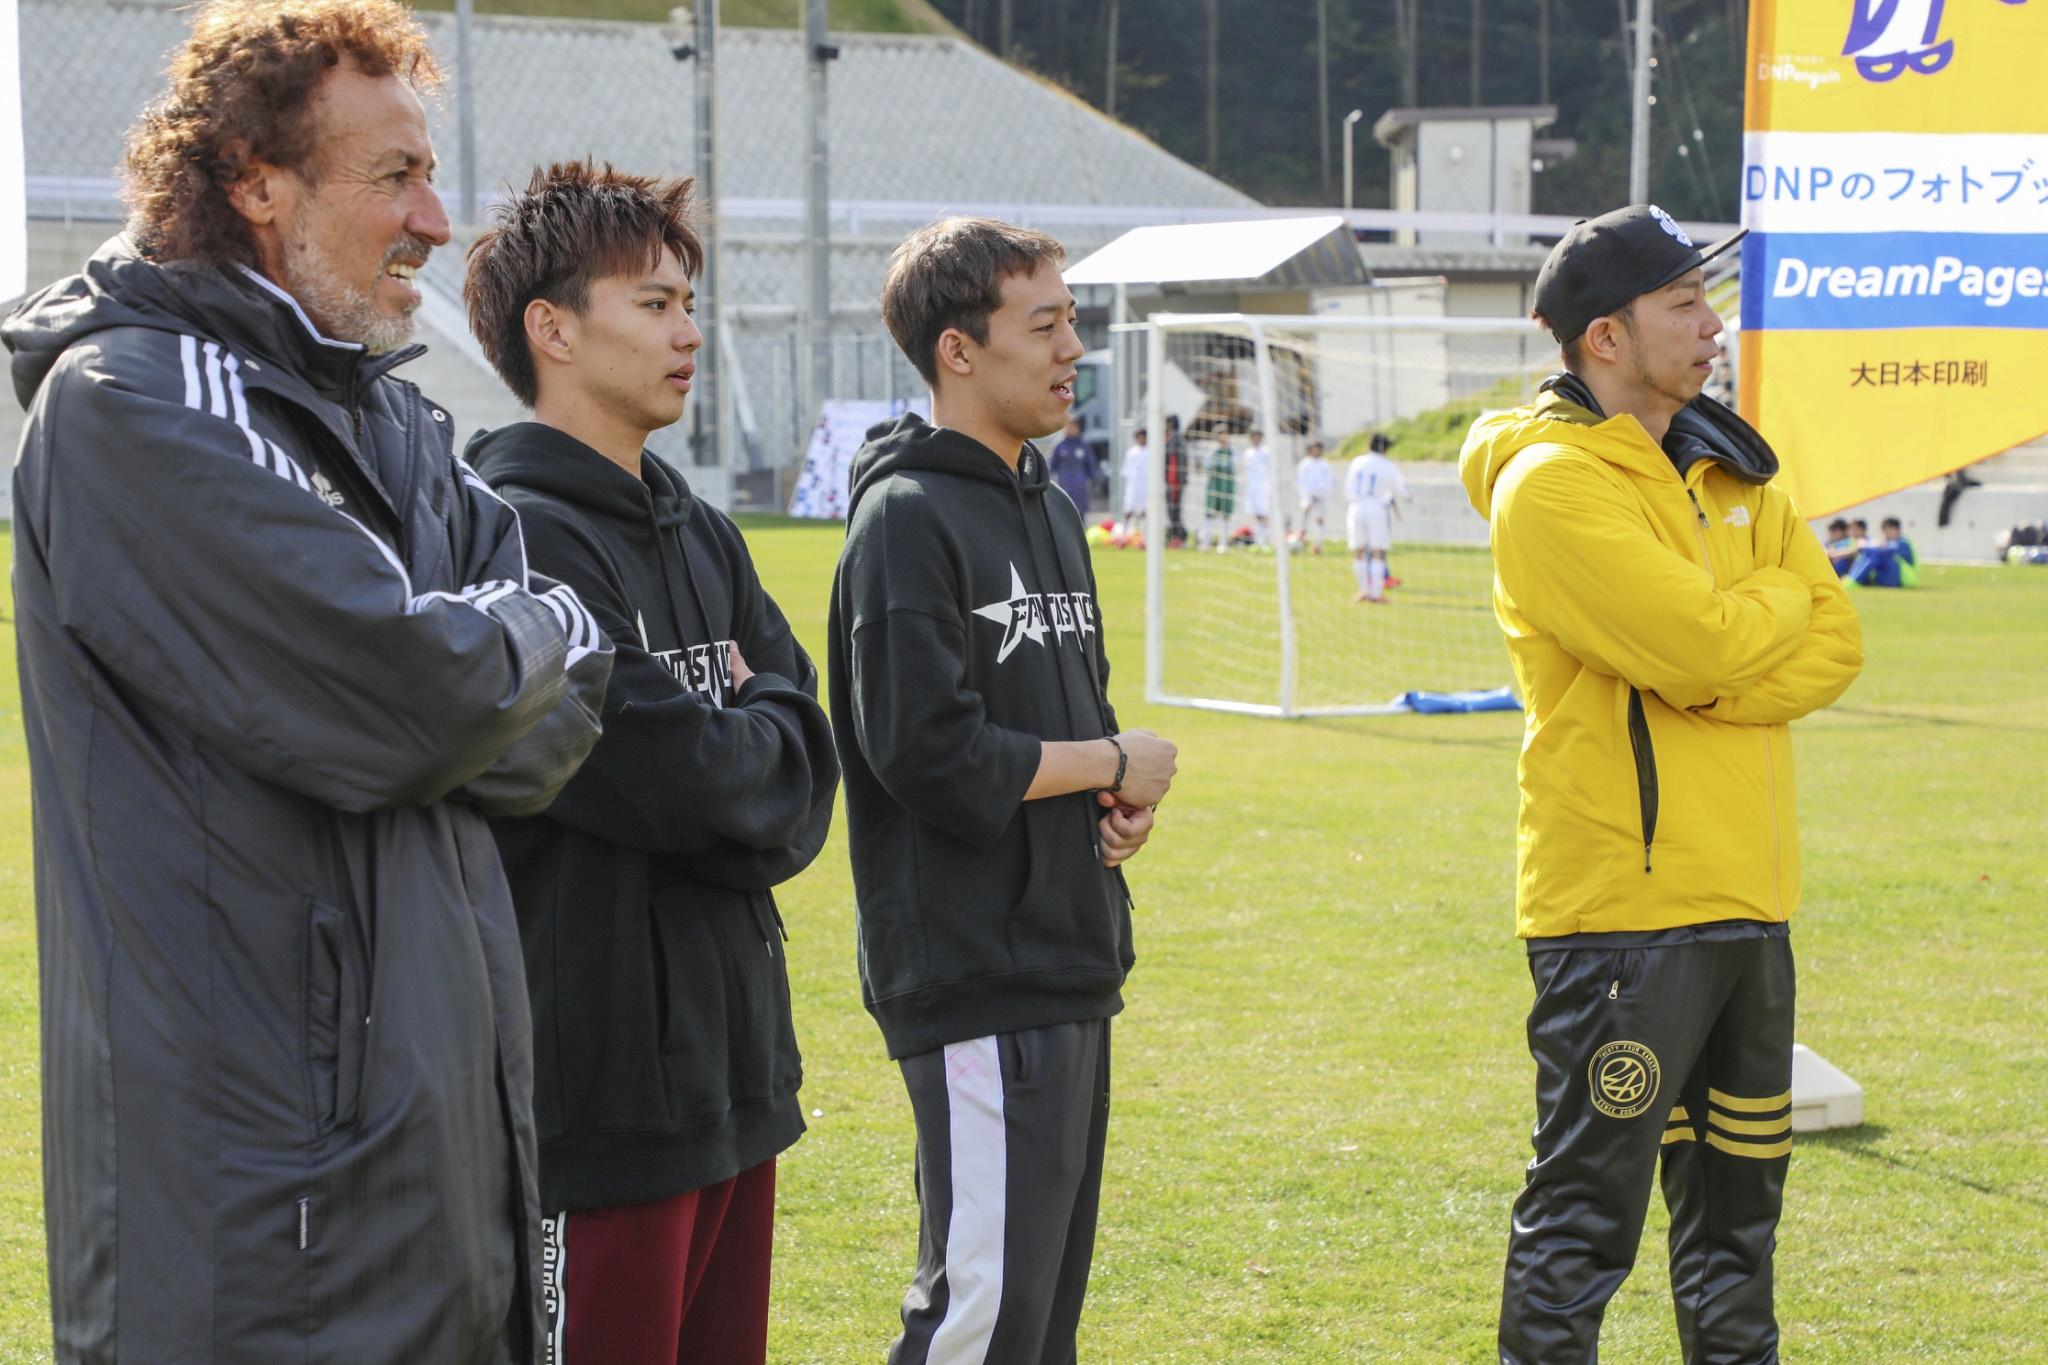 左から、ラモス瑠偉氏、佐藤大樹、世界、EXILE USA『EXILE CUP2017』